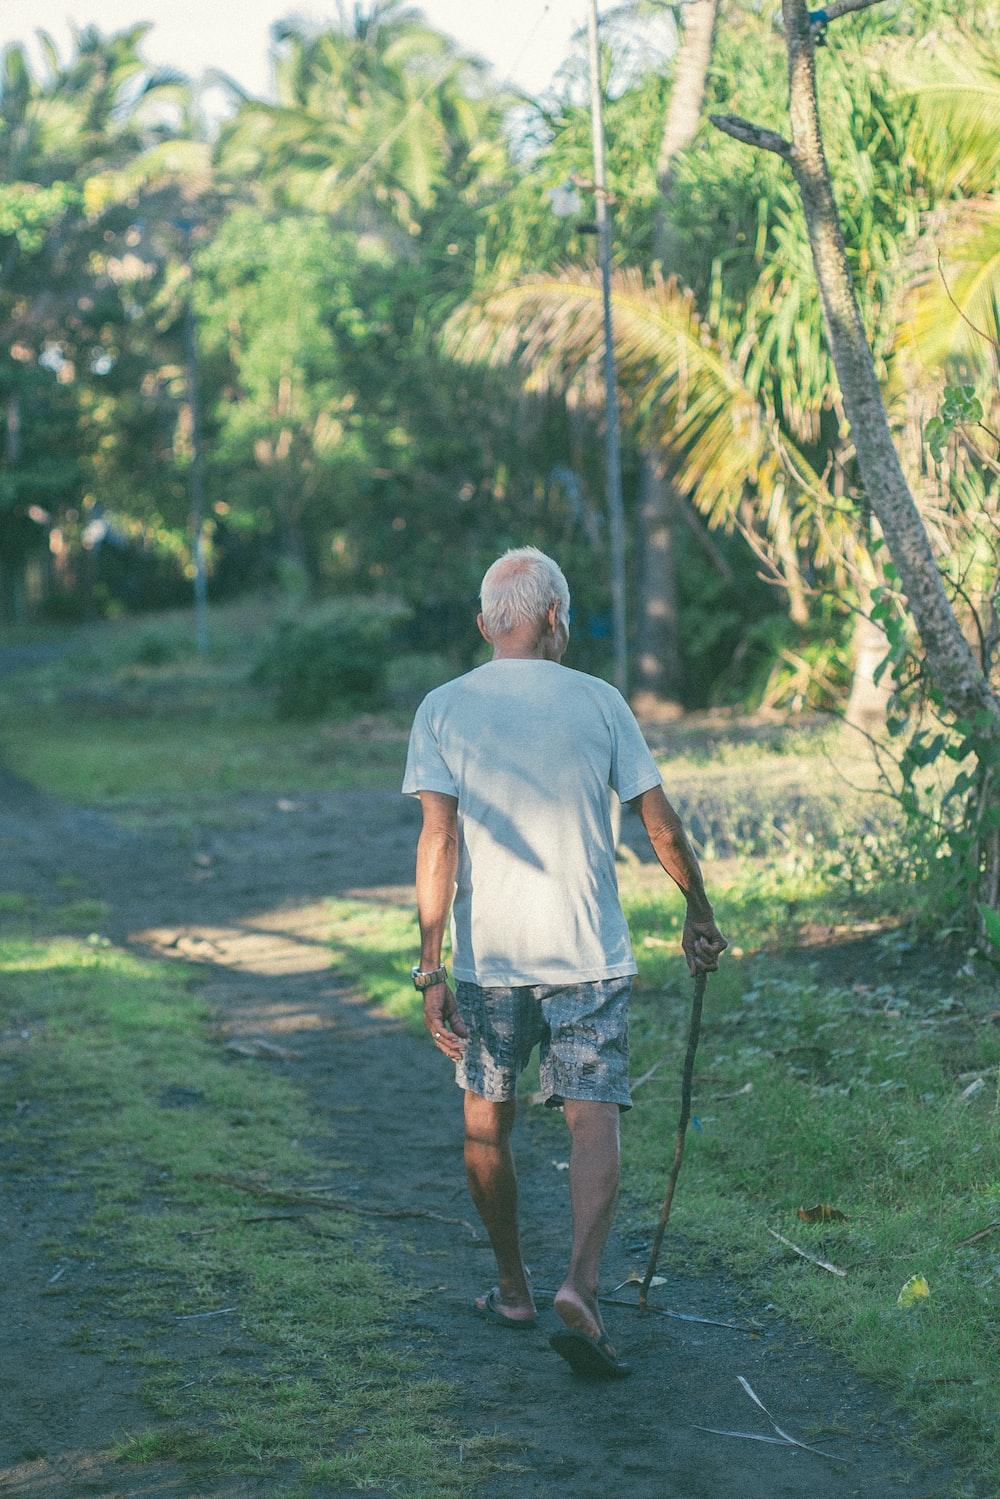 man walking with stick